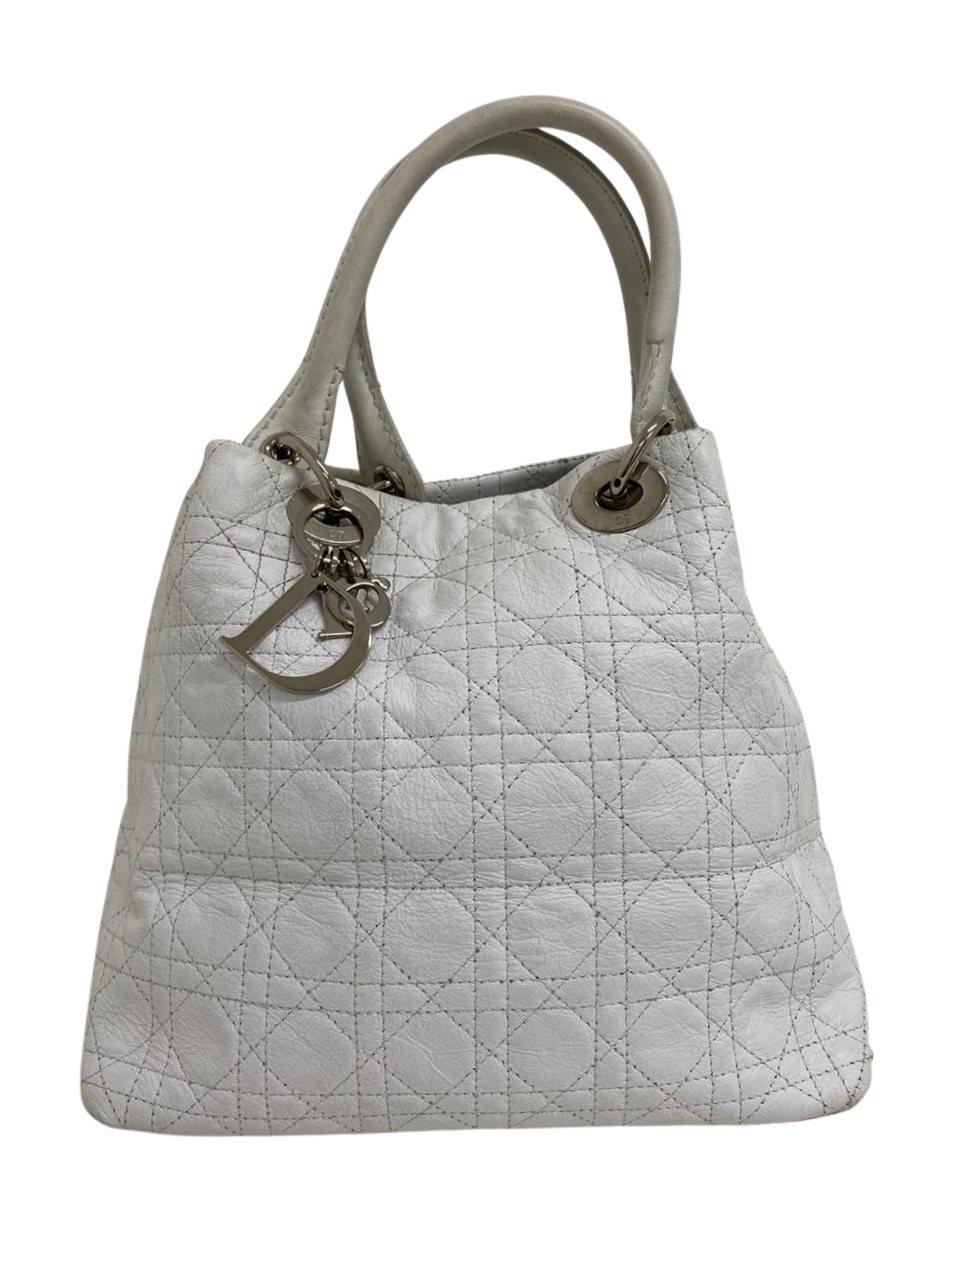 Bolsa Lady Dior Soft Tote Branca